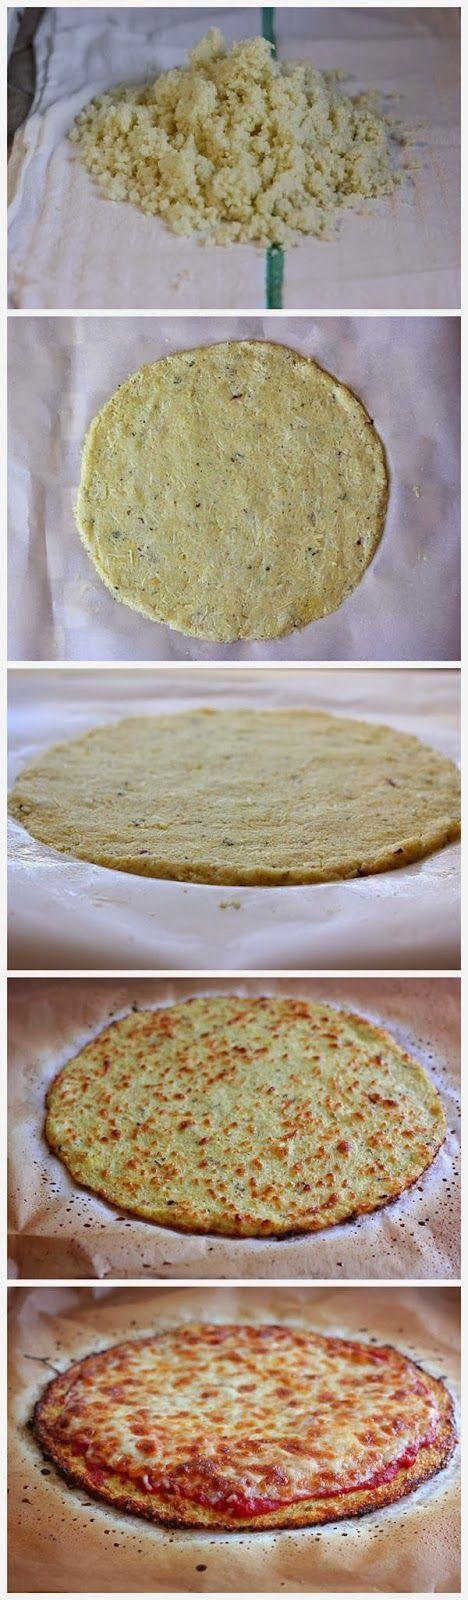 Pizza sans gluten à la pate de chou-fleur